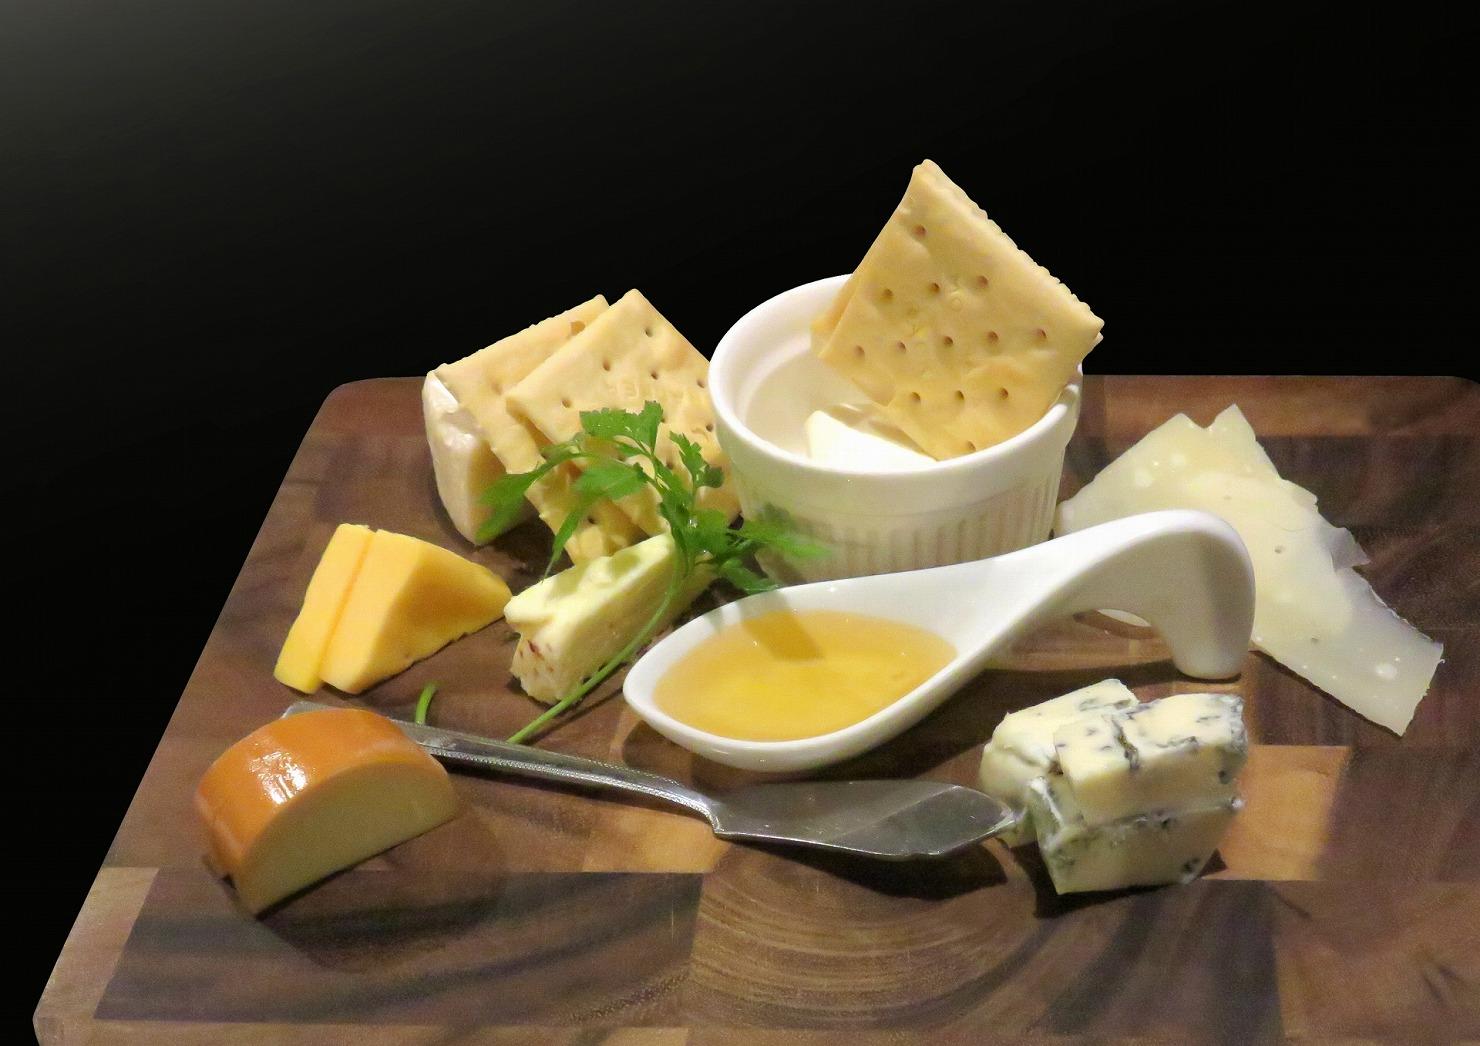 妊娠中はチーズが含まれた食品に気をつけるべき? 選び方は?